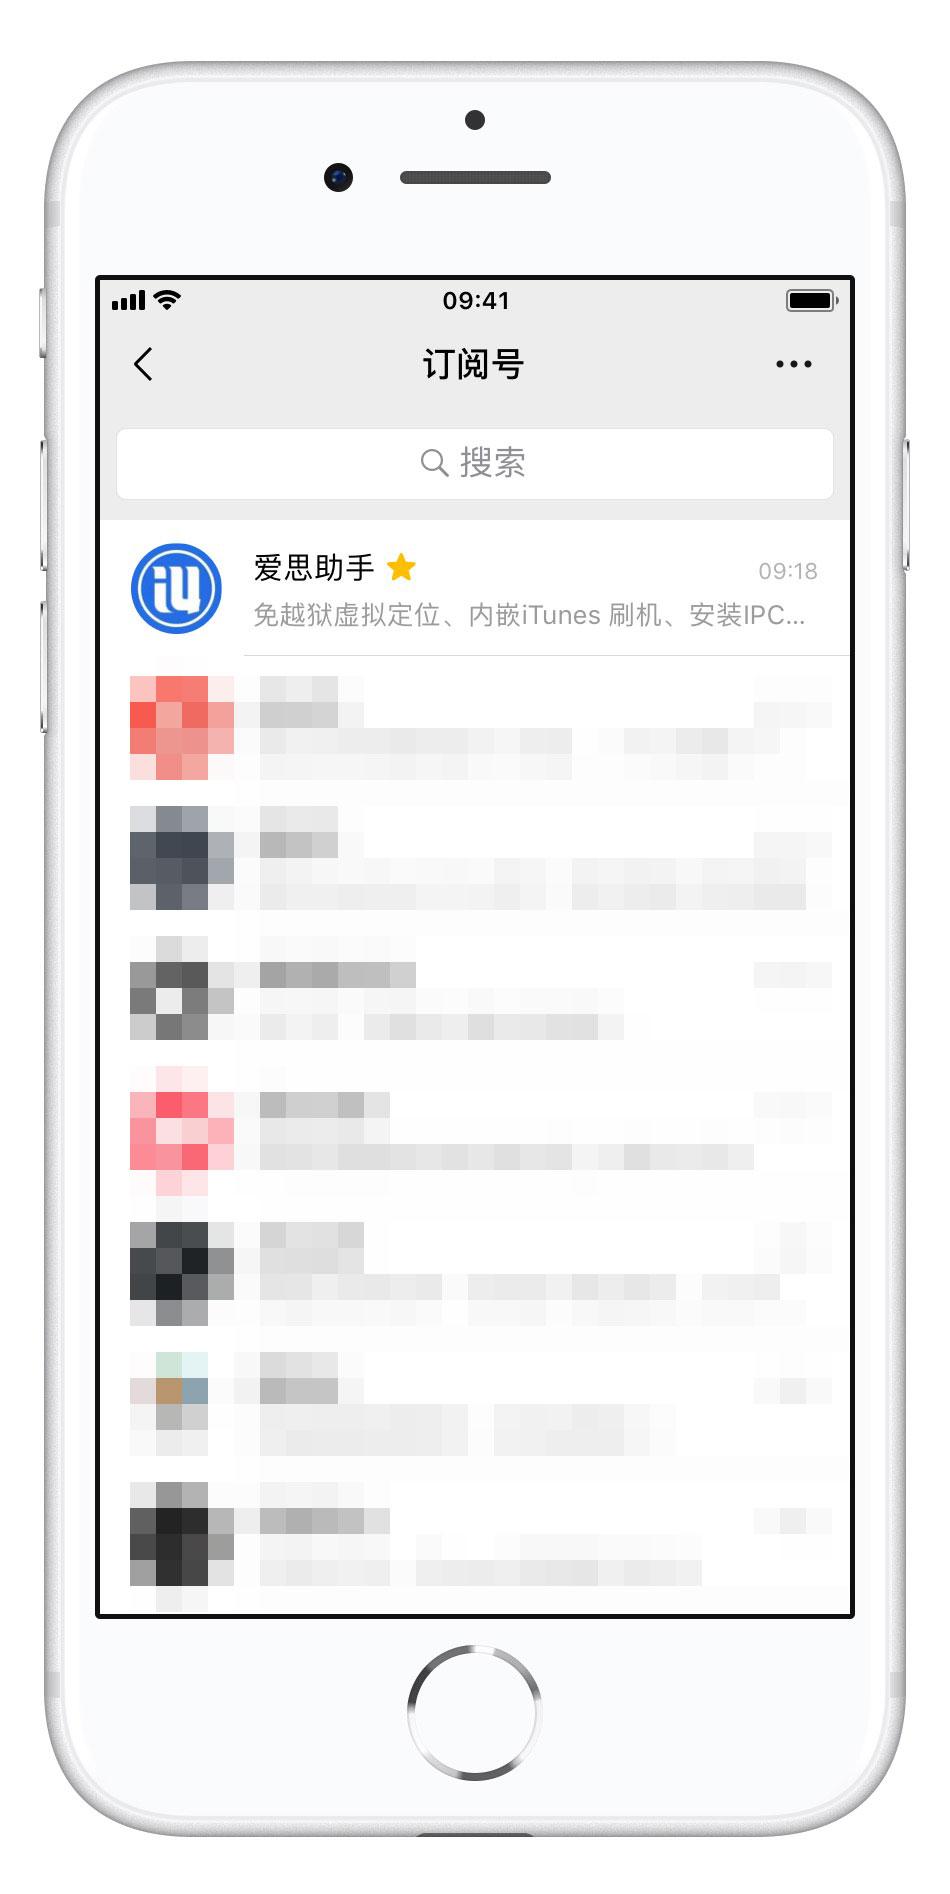 如何在 iPhone 上改变订阅号信息流展示方式?查看公众号列表的方法